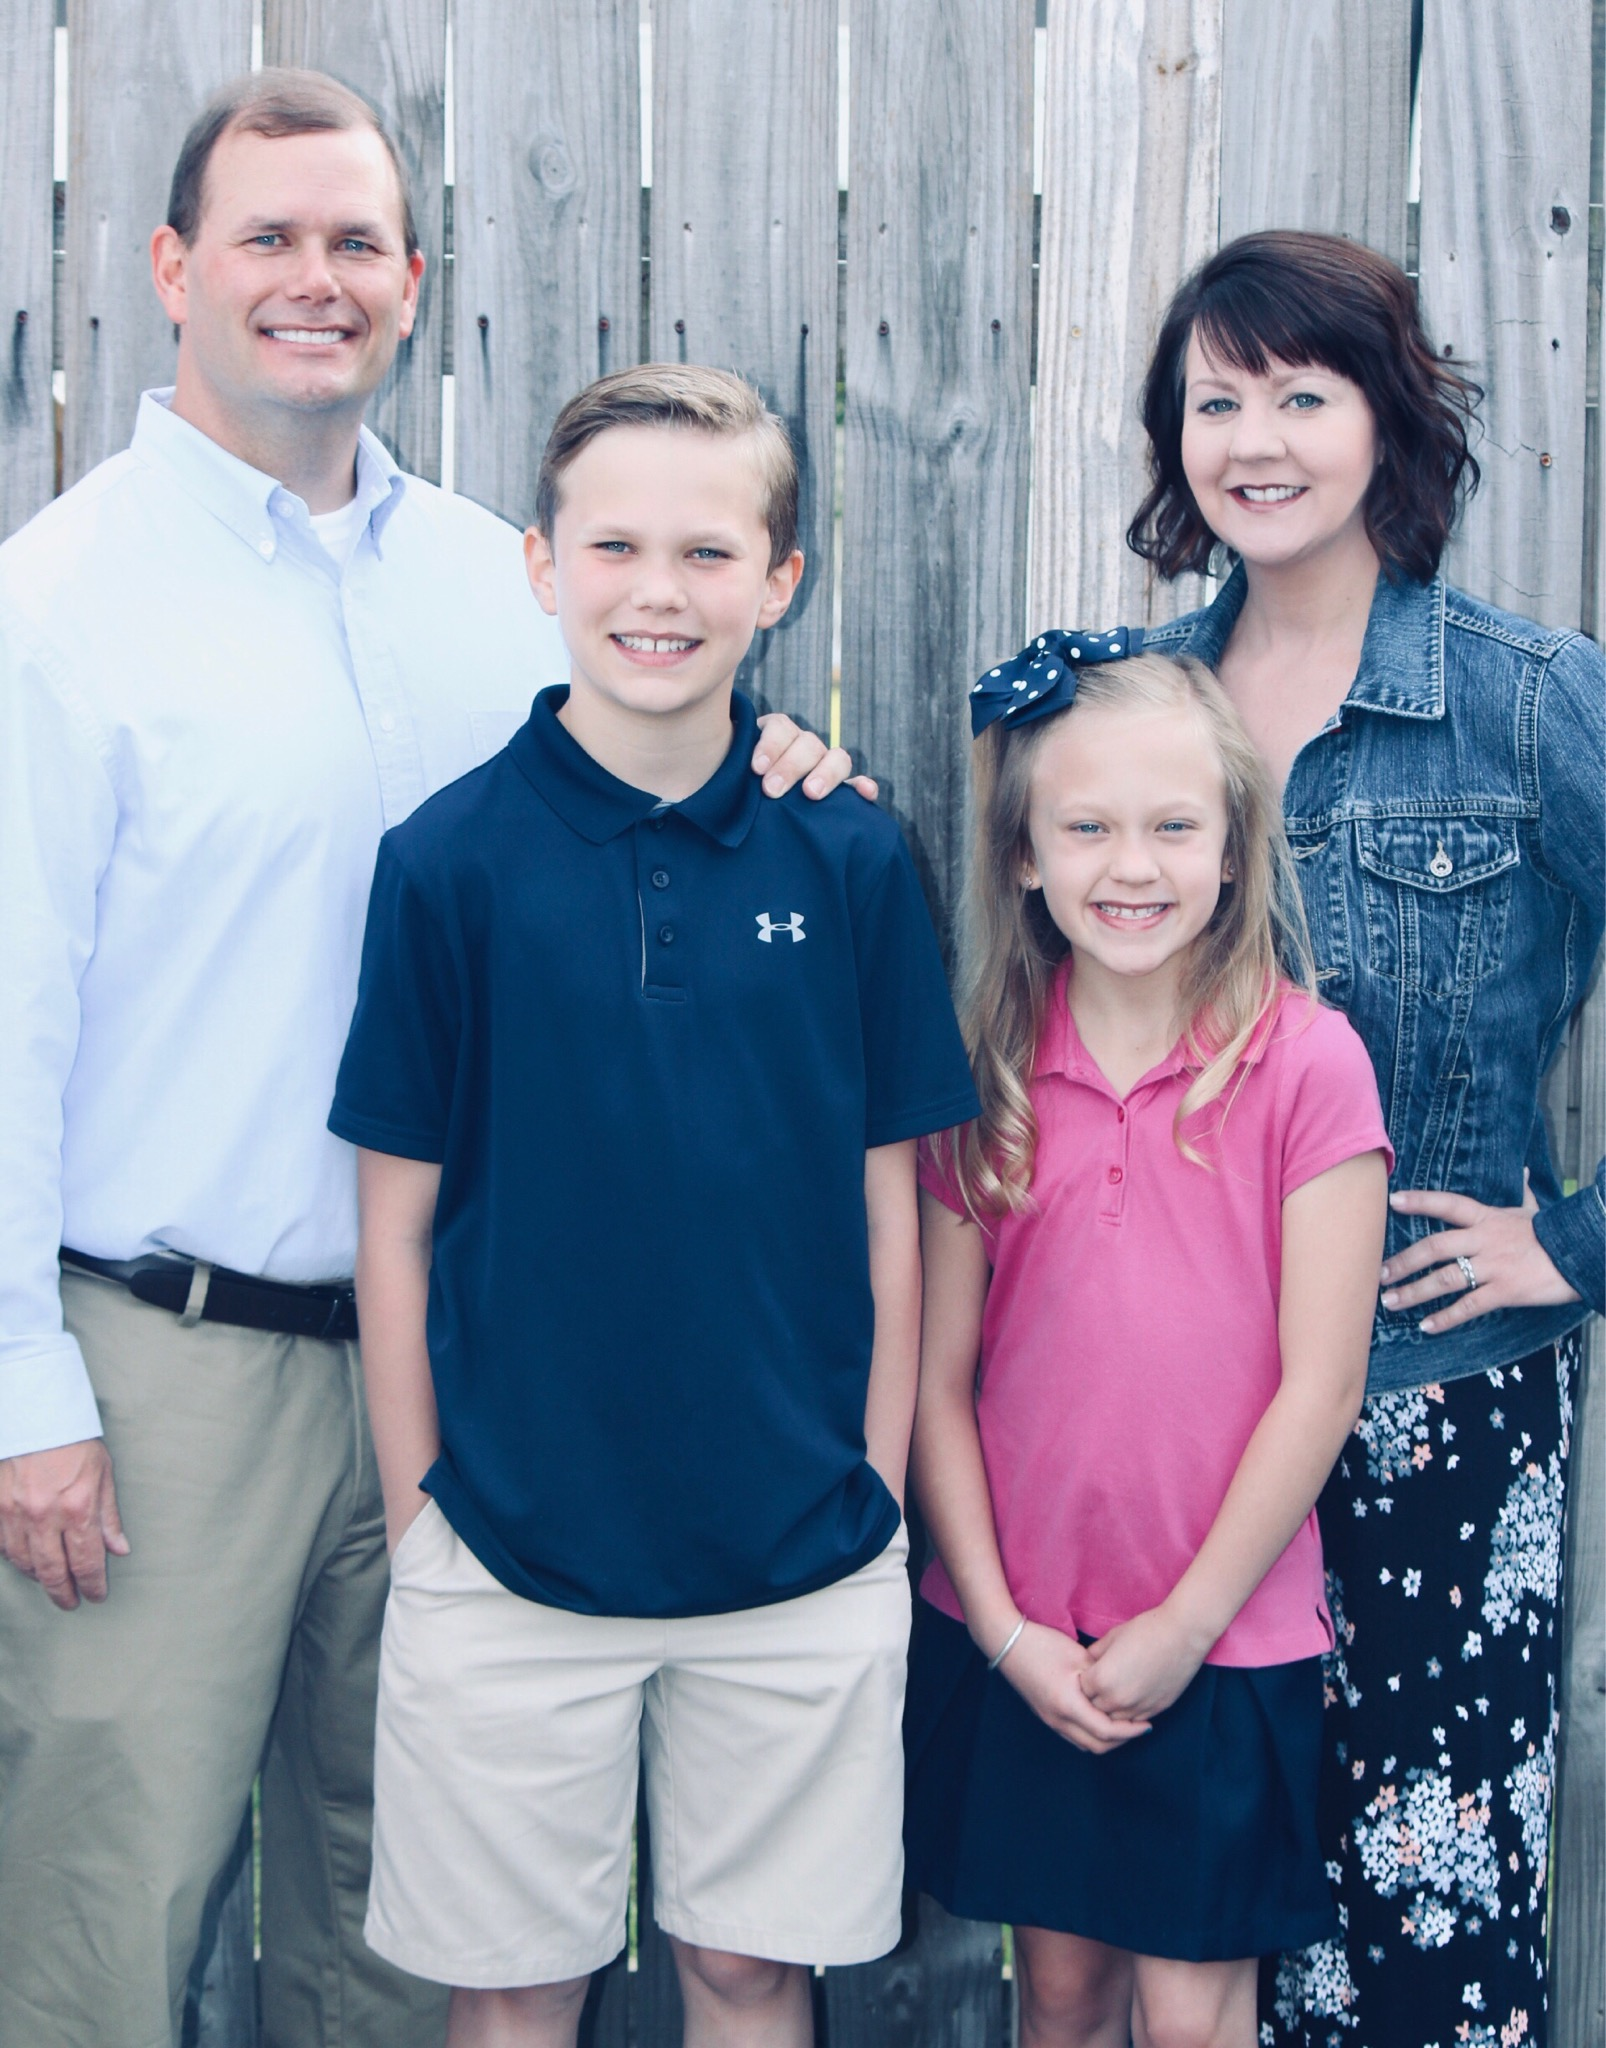 Dr. David Breslin Family Photo